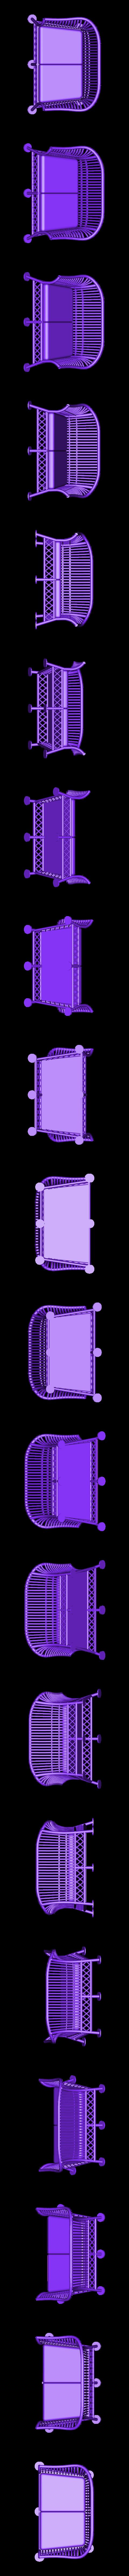 wicker_sofa.stl Télécharger fichier STL gratuit Ensemble de meubles en osier 1:24 • Design à imprimer en 3D, gabutoillegna56